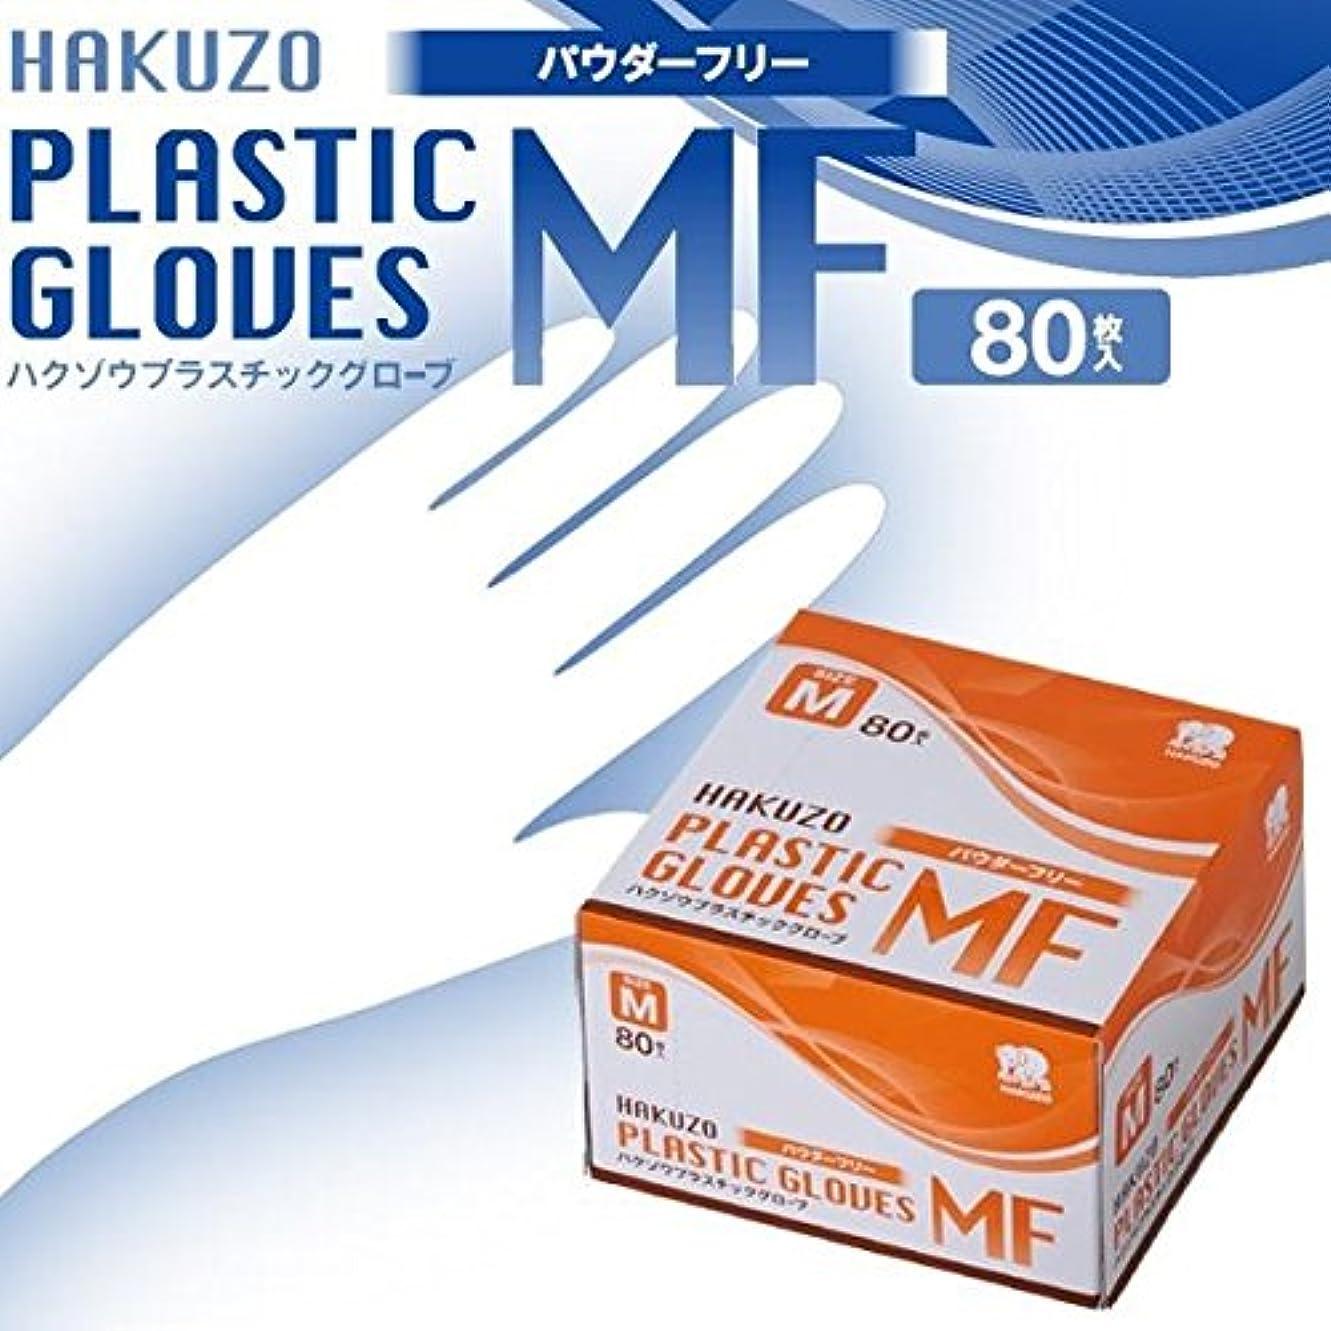 王子五金銭的なハクゾウ プラスチックグローブMF パウダーフリー M 80枚入×6箱セット